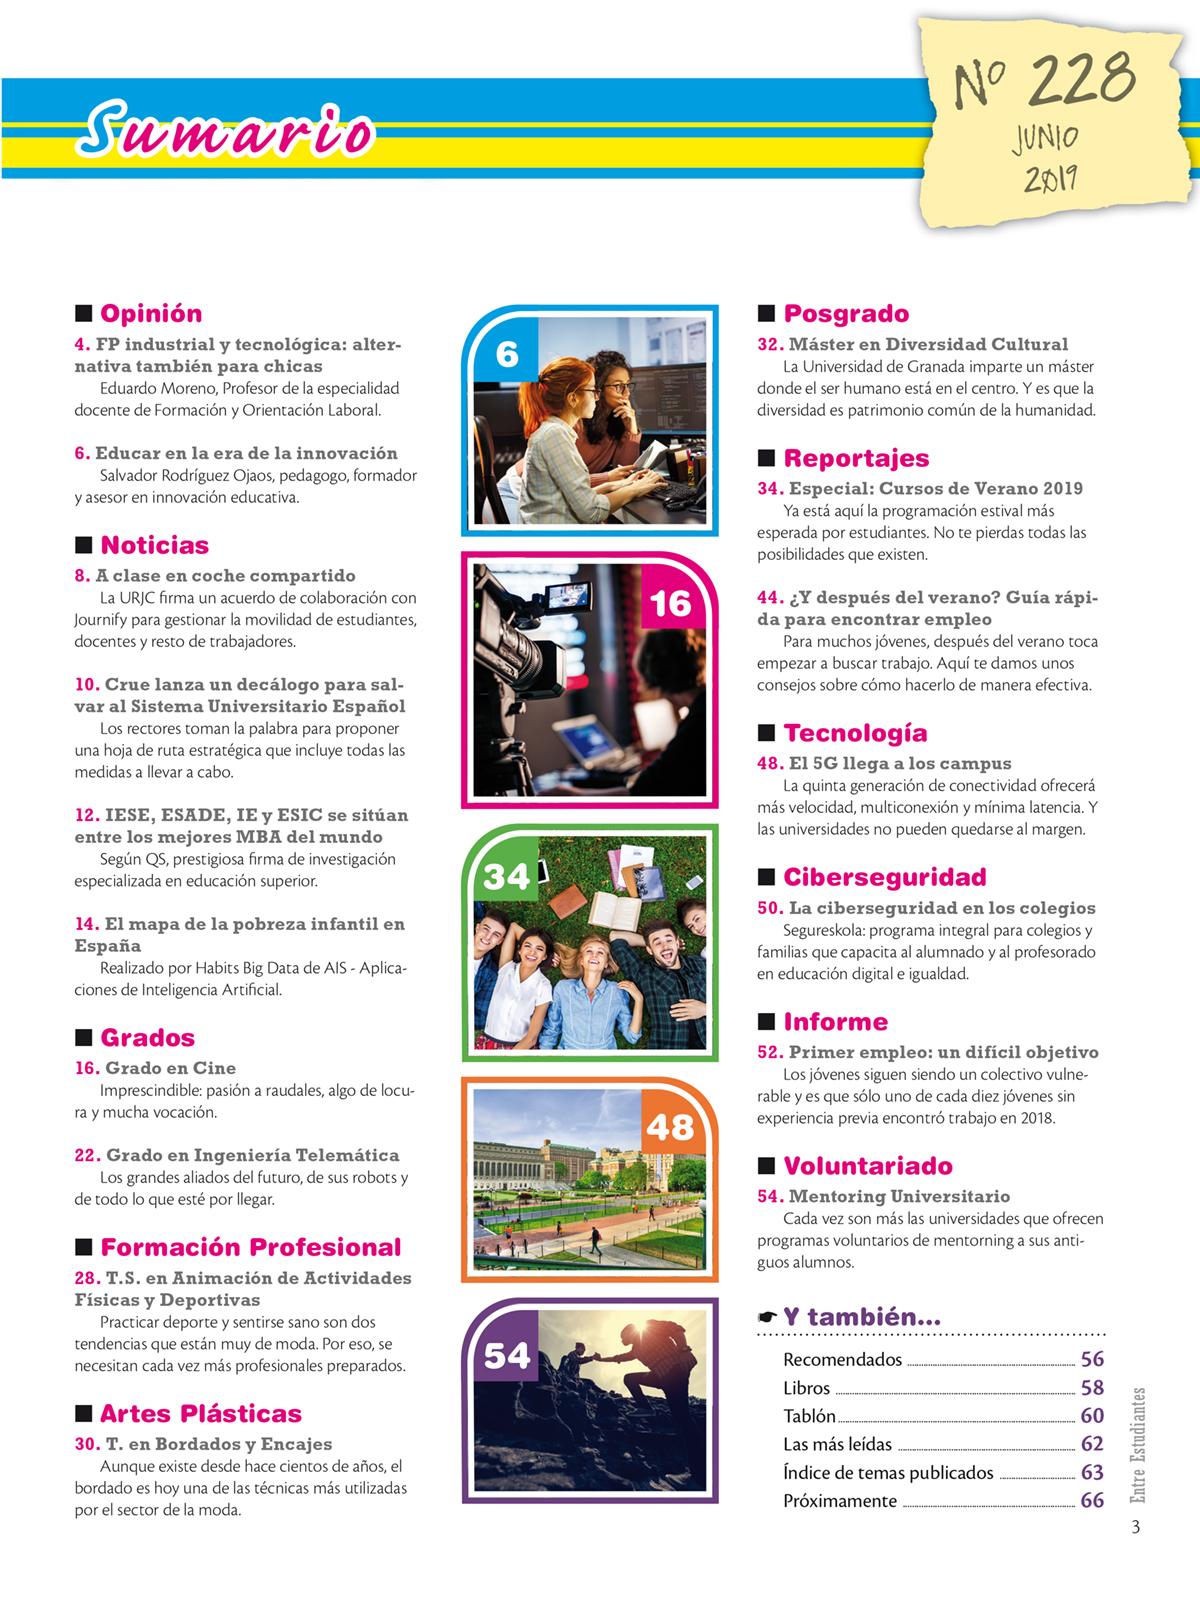 Revista Entre Estudiantes Nº 228